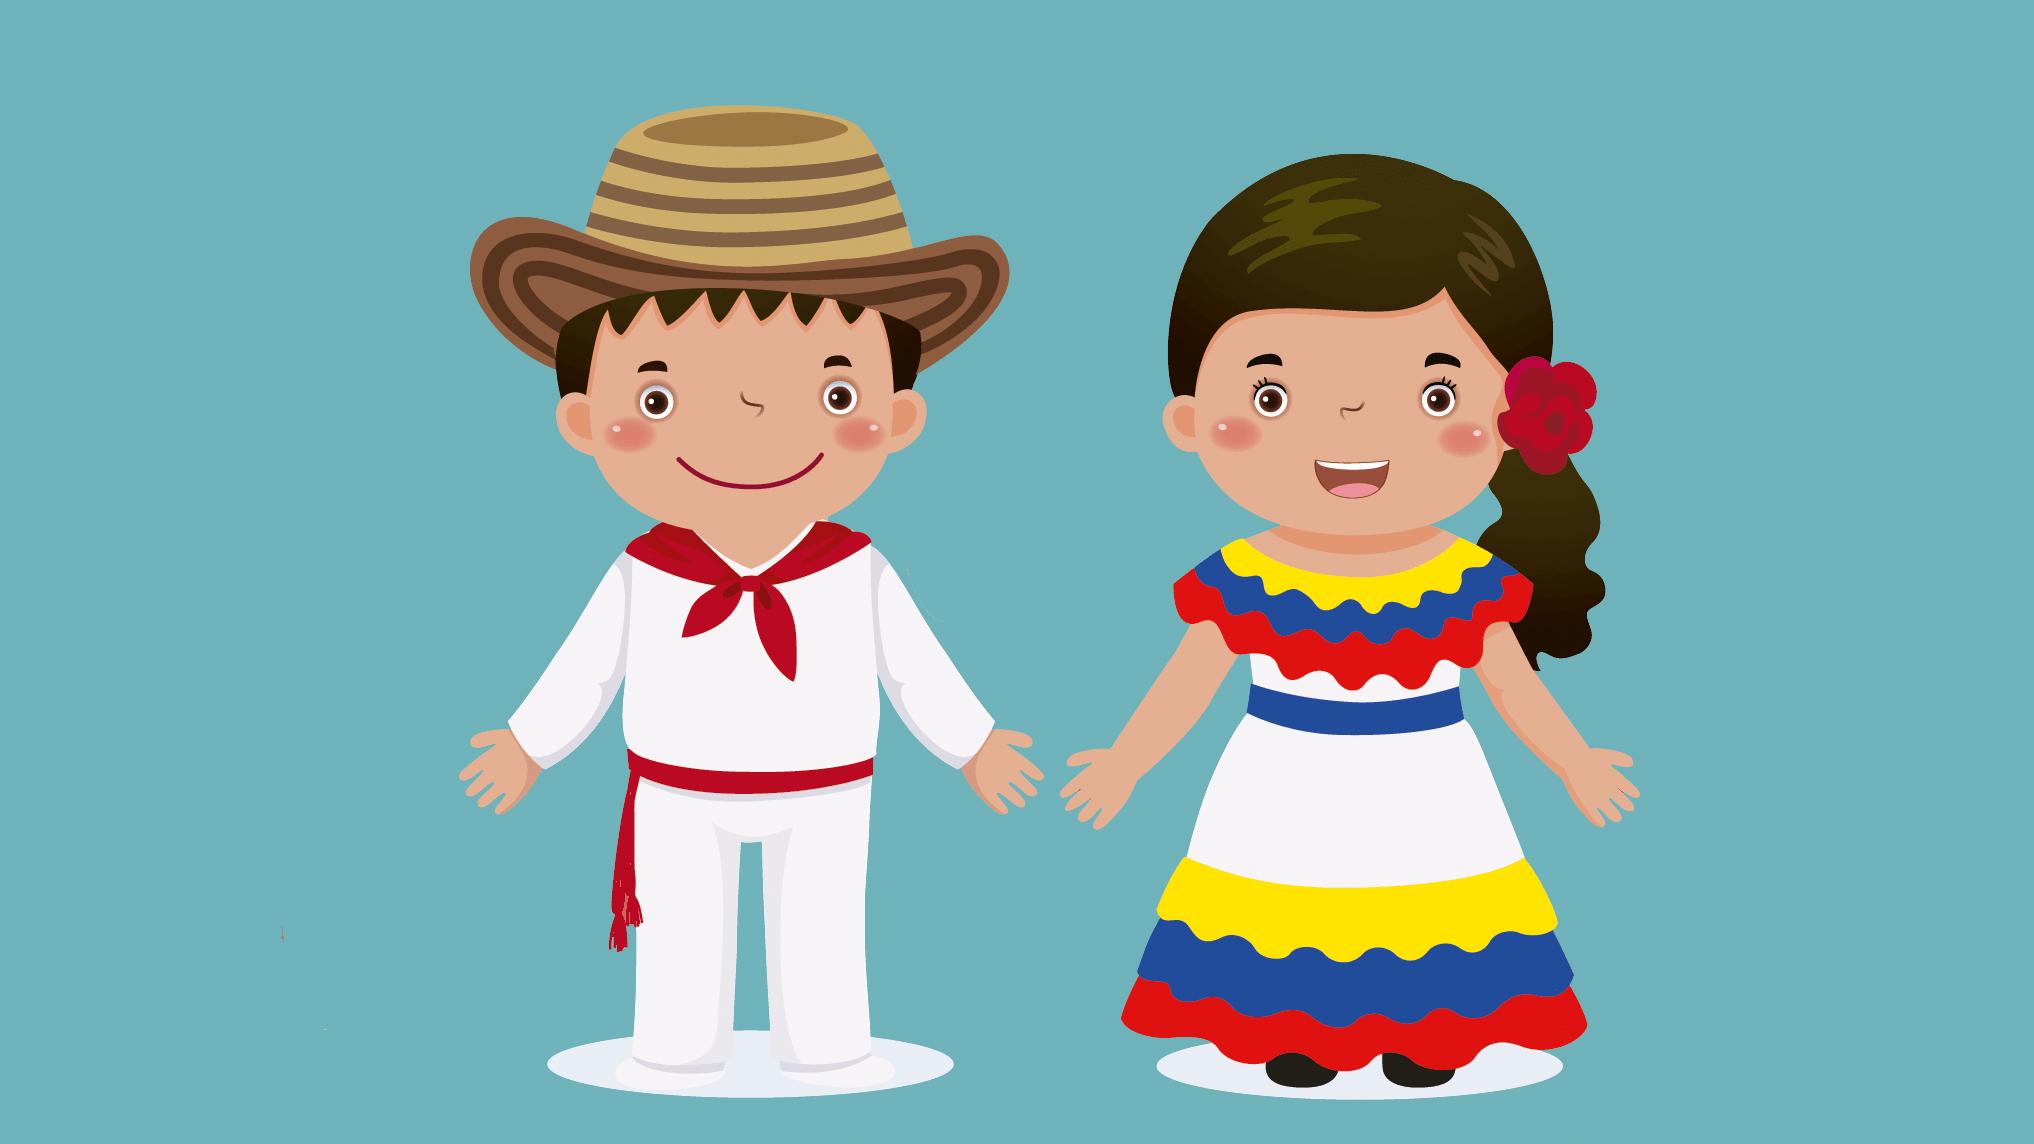 Tradiciones Y Costumbres Venezolanas Cuándo Y Dónde Se Celebran